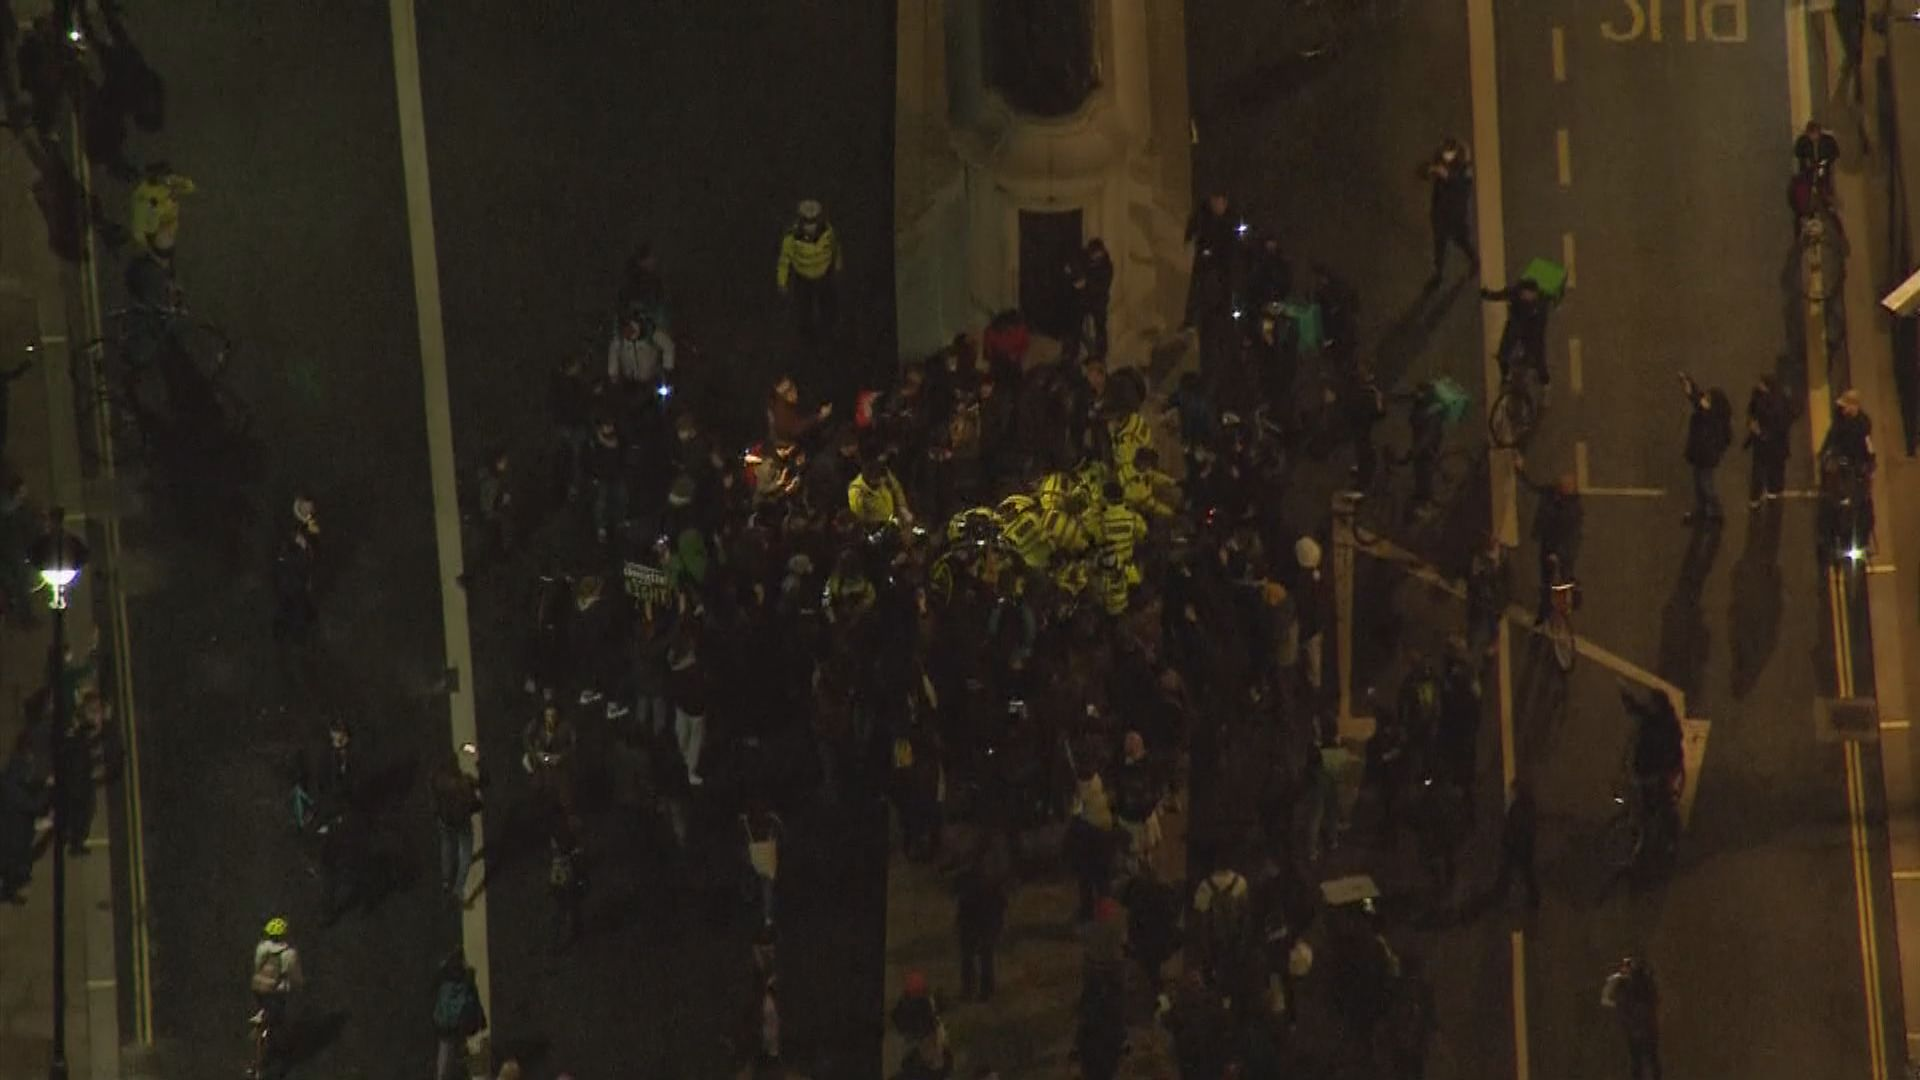 倫敦繼續有示威 悼念疑被警員殺害女子